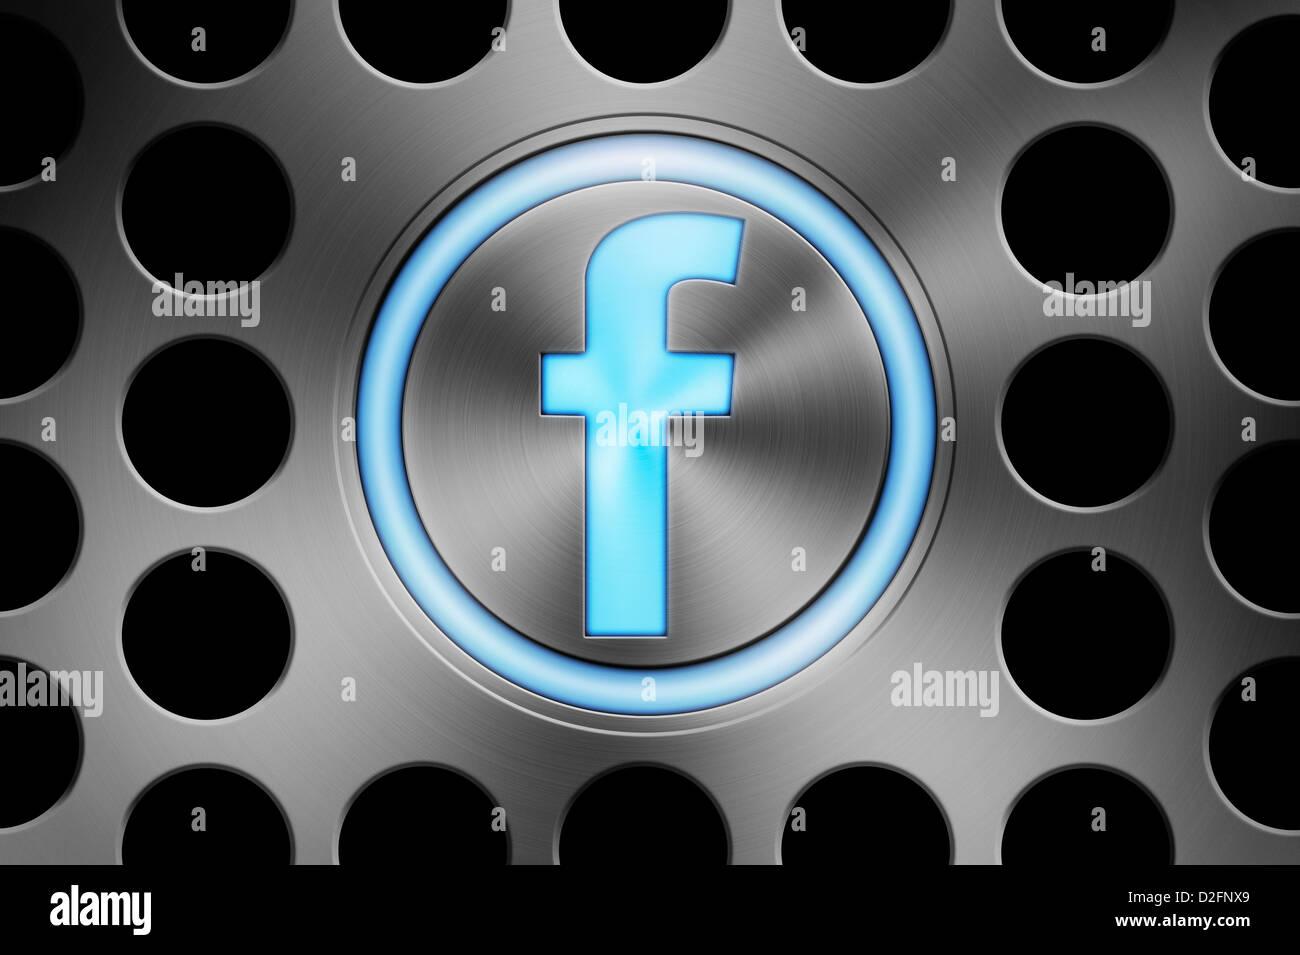 Icono de Facebook botón azul brillante Imagen De Stock